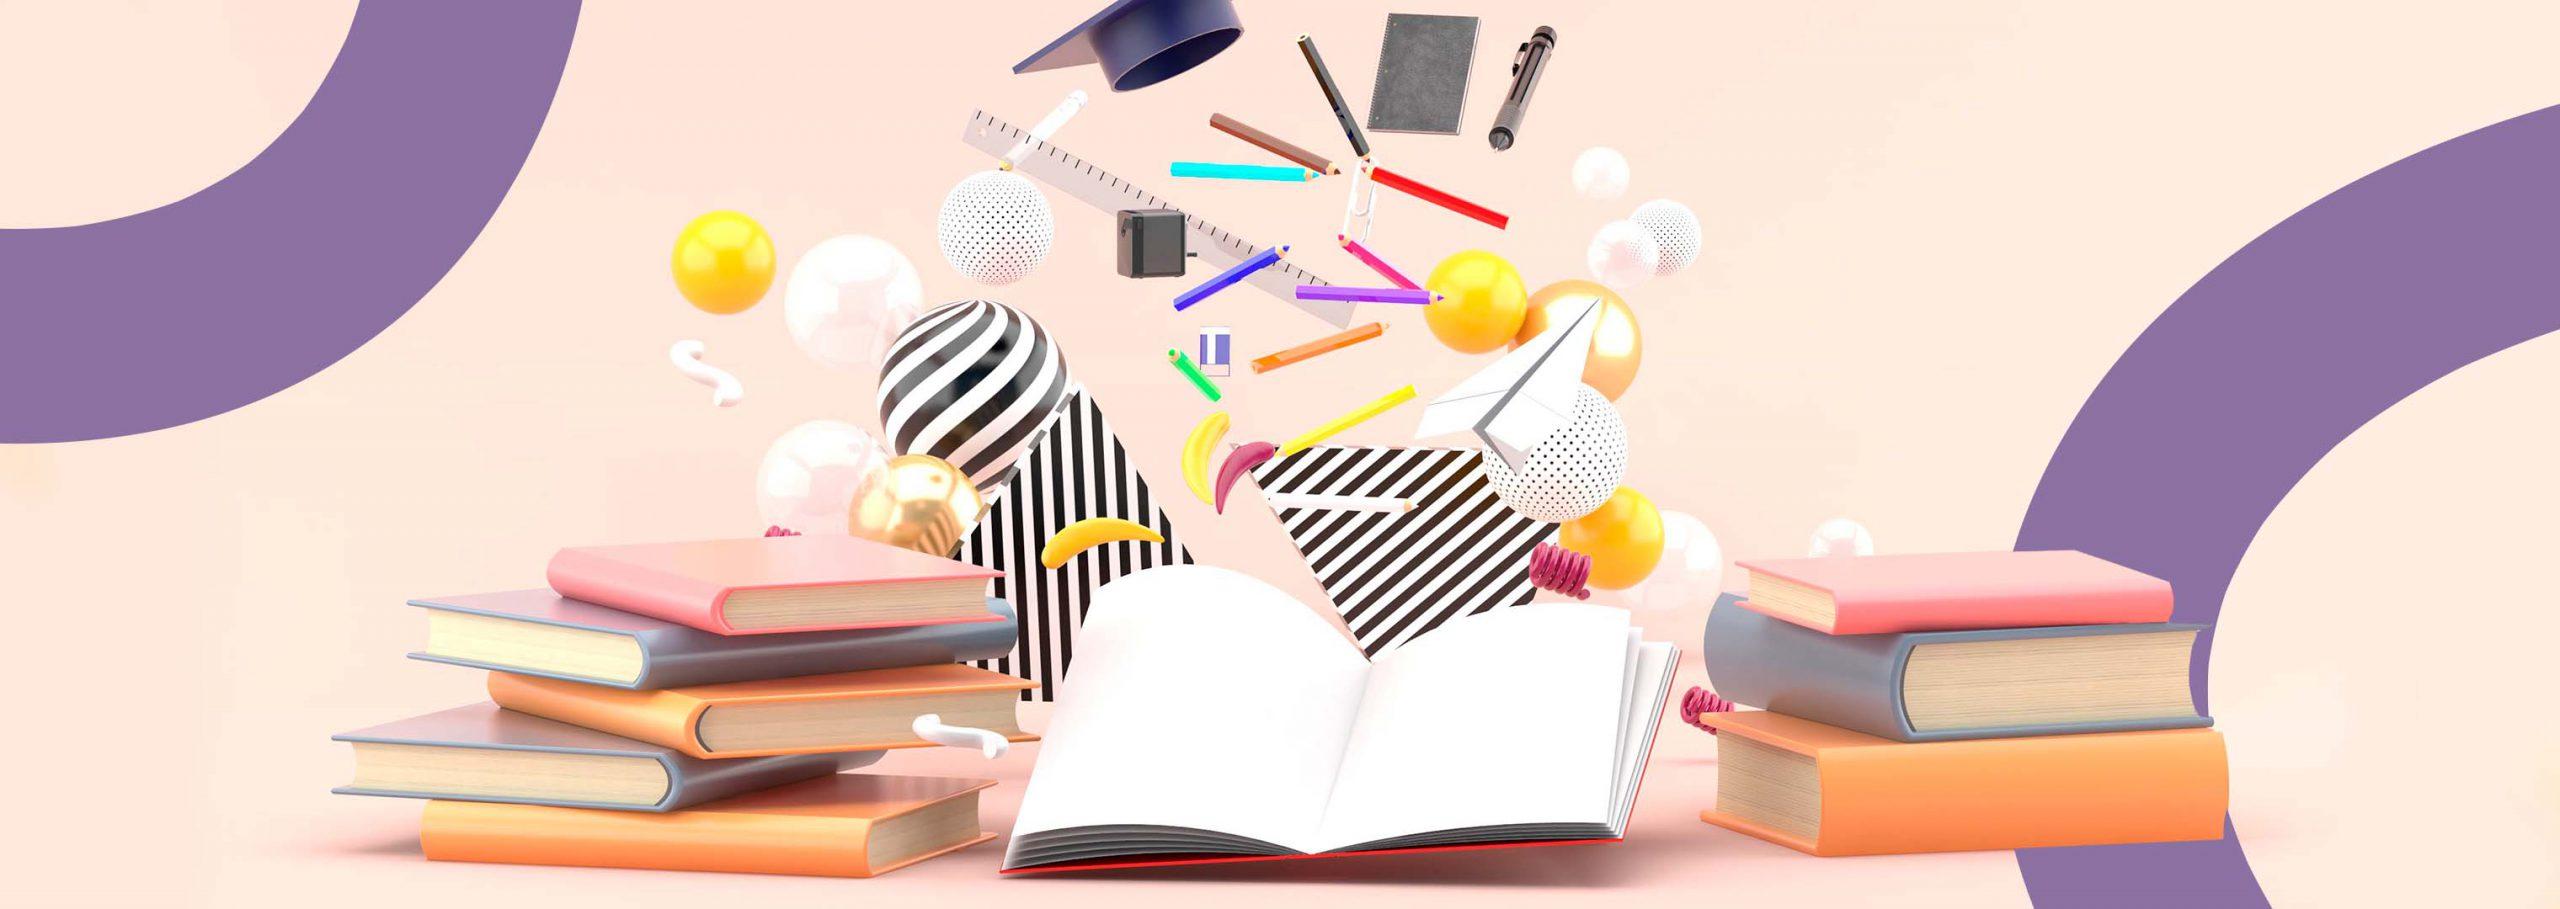 Вчитися вчити: як створити навчальний курс для третього сектору і не вигоріти